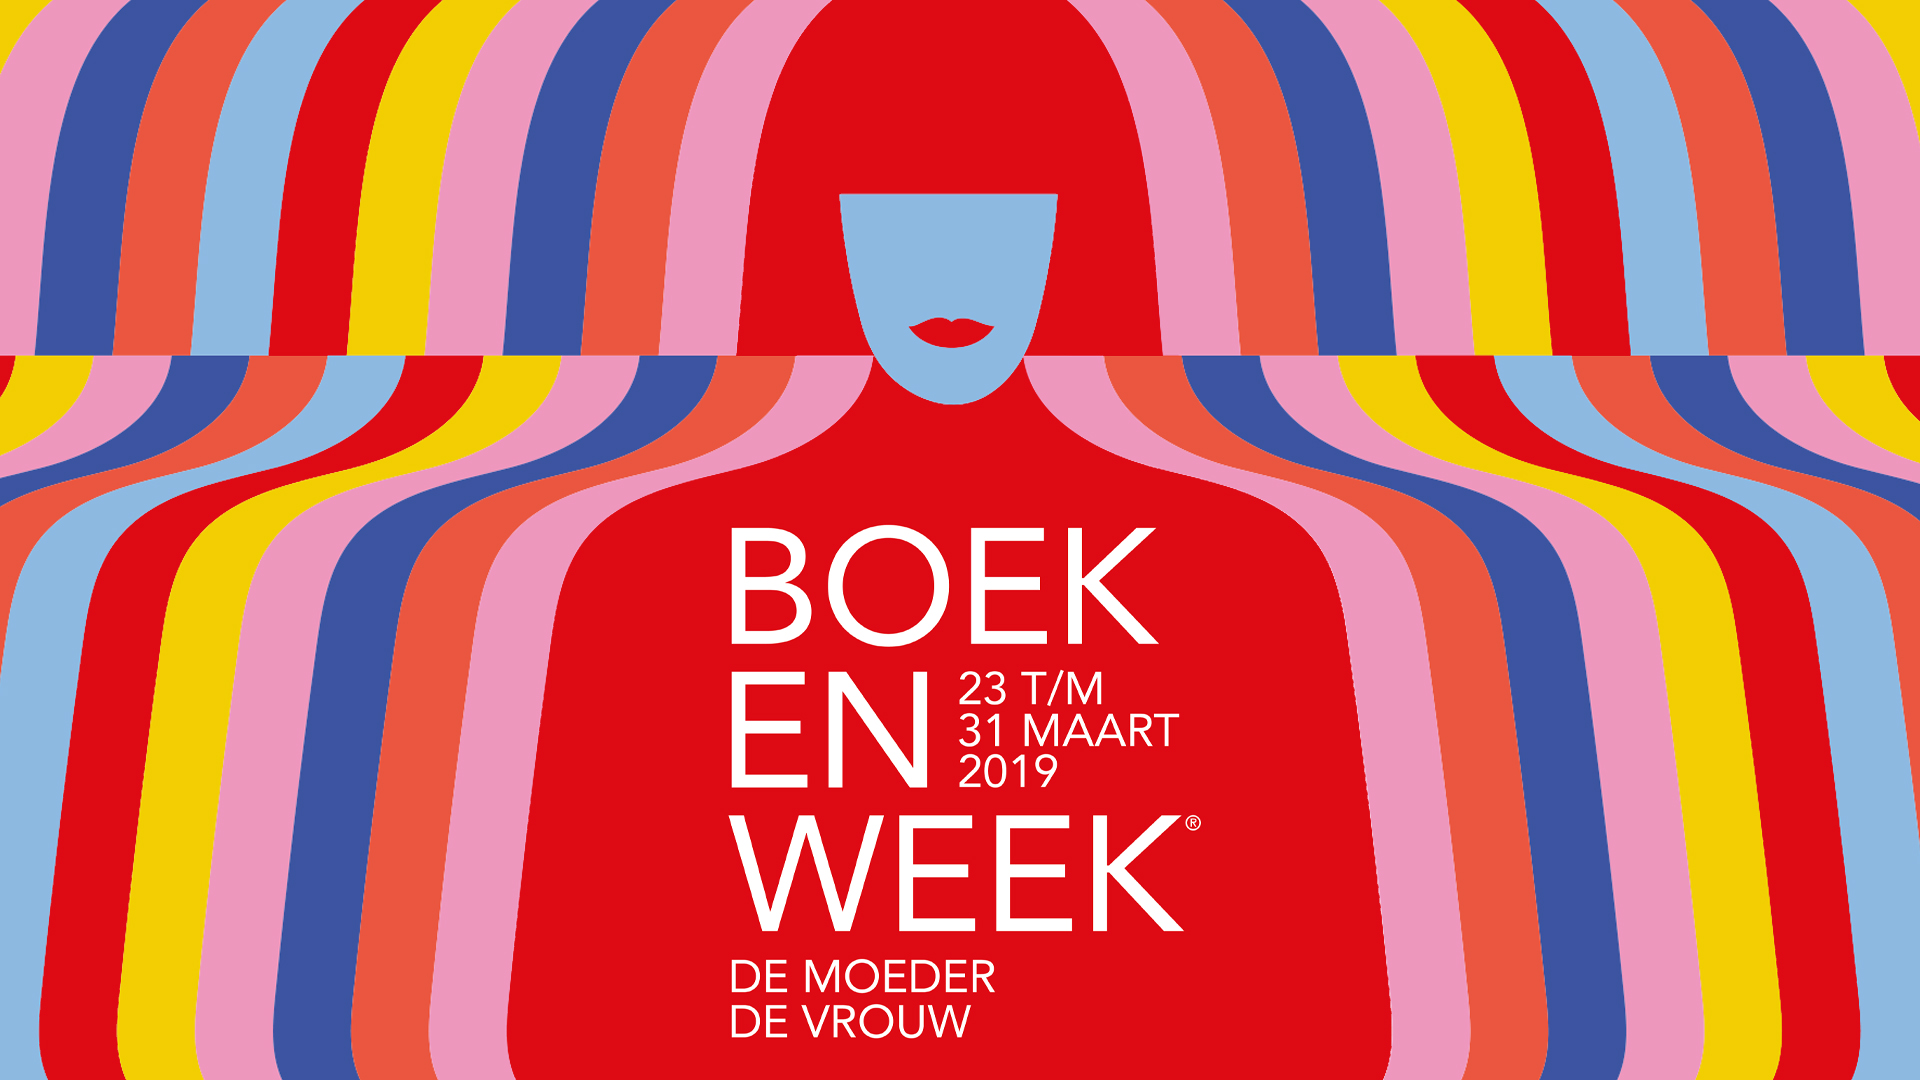 Boekenweek in teken van 'Moeder de vrouw'